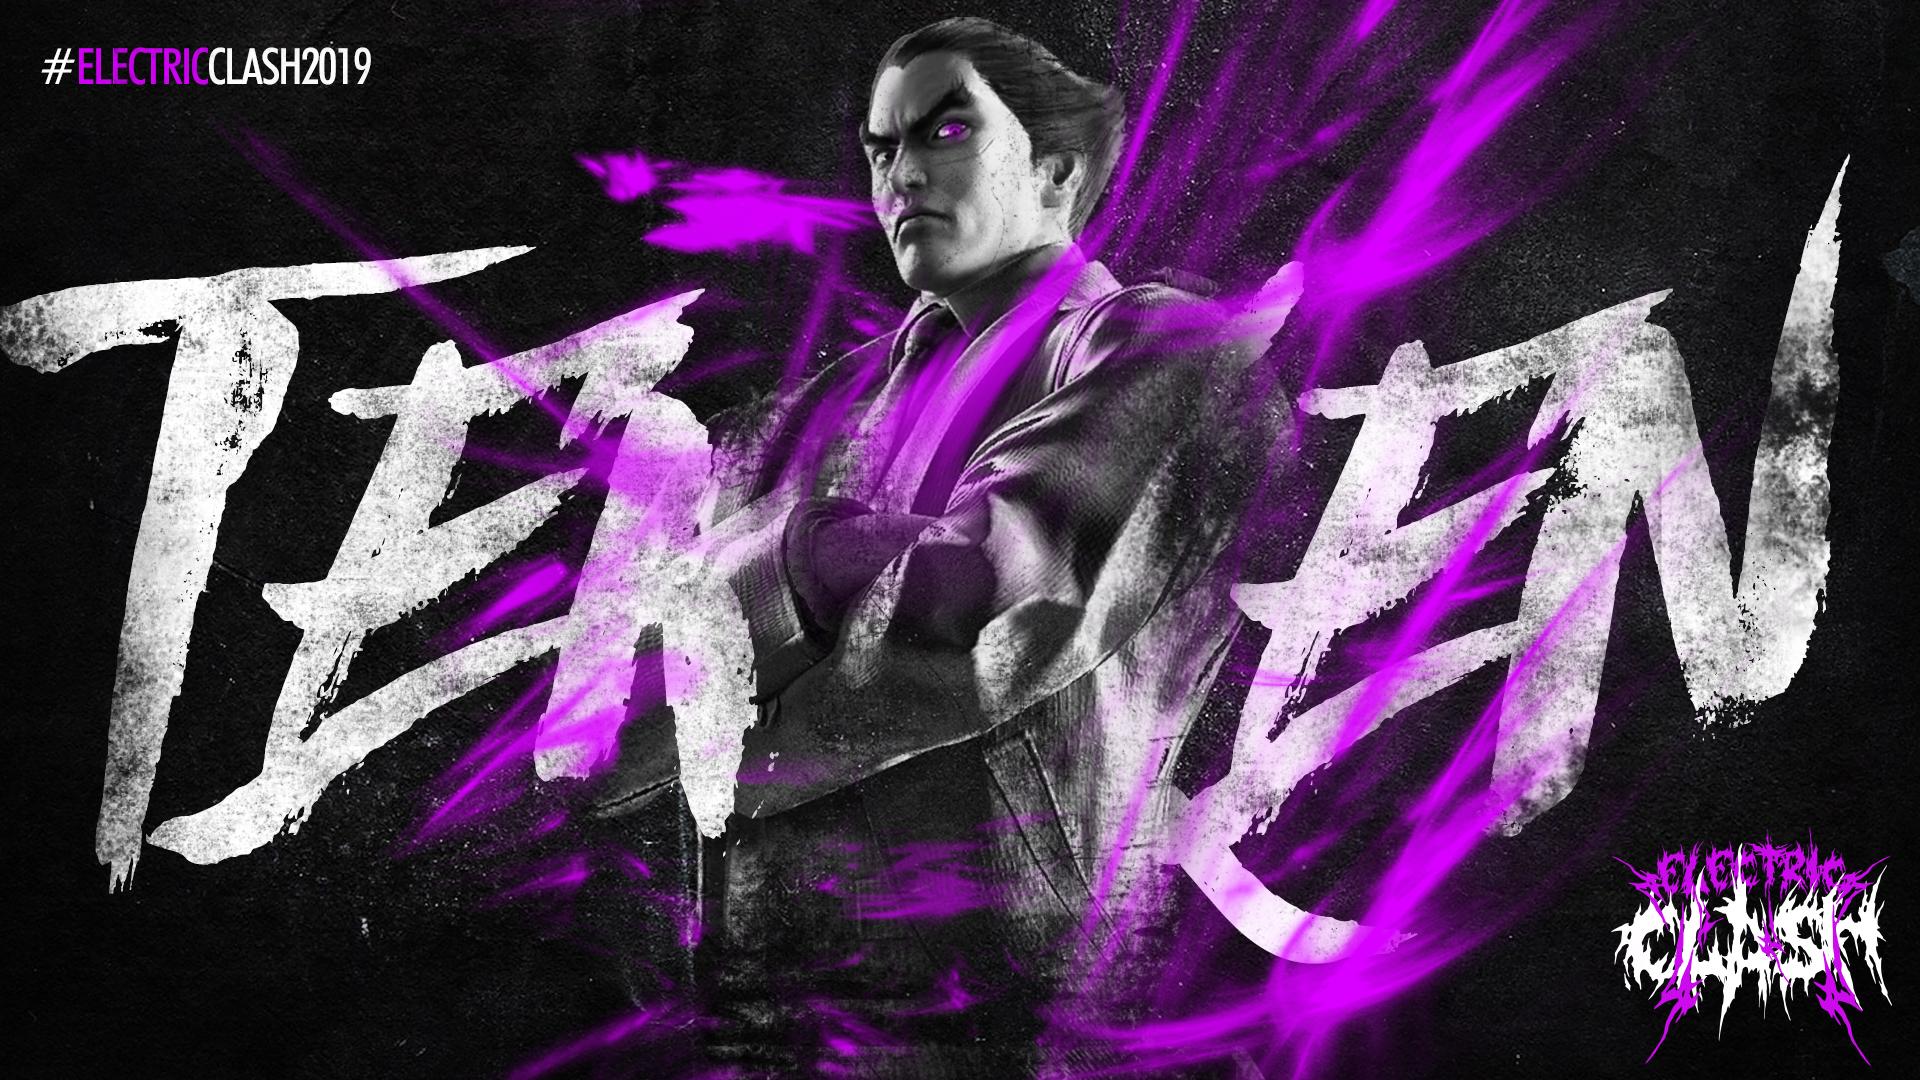 Tekken ad creative, designed by Incendium.gg